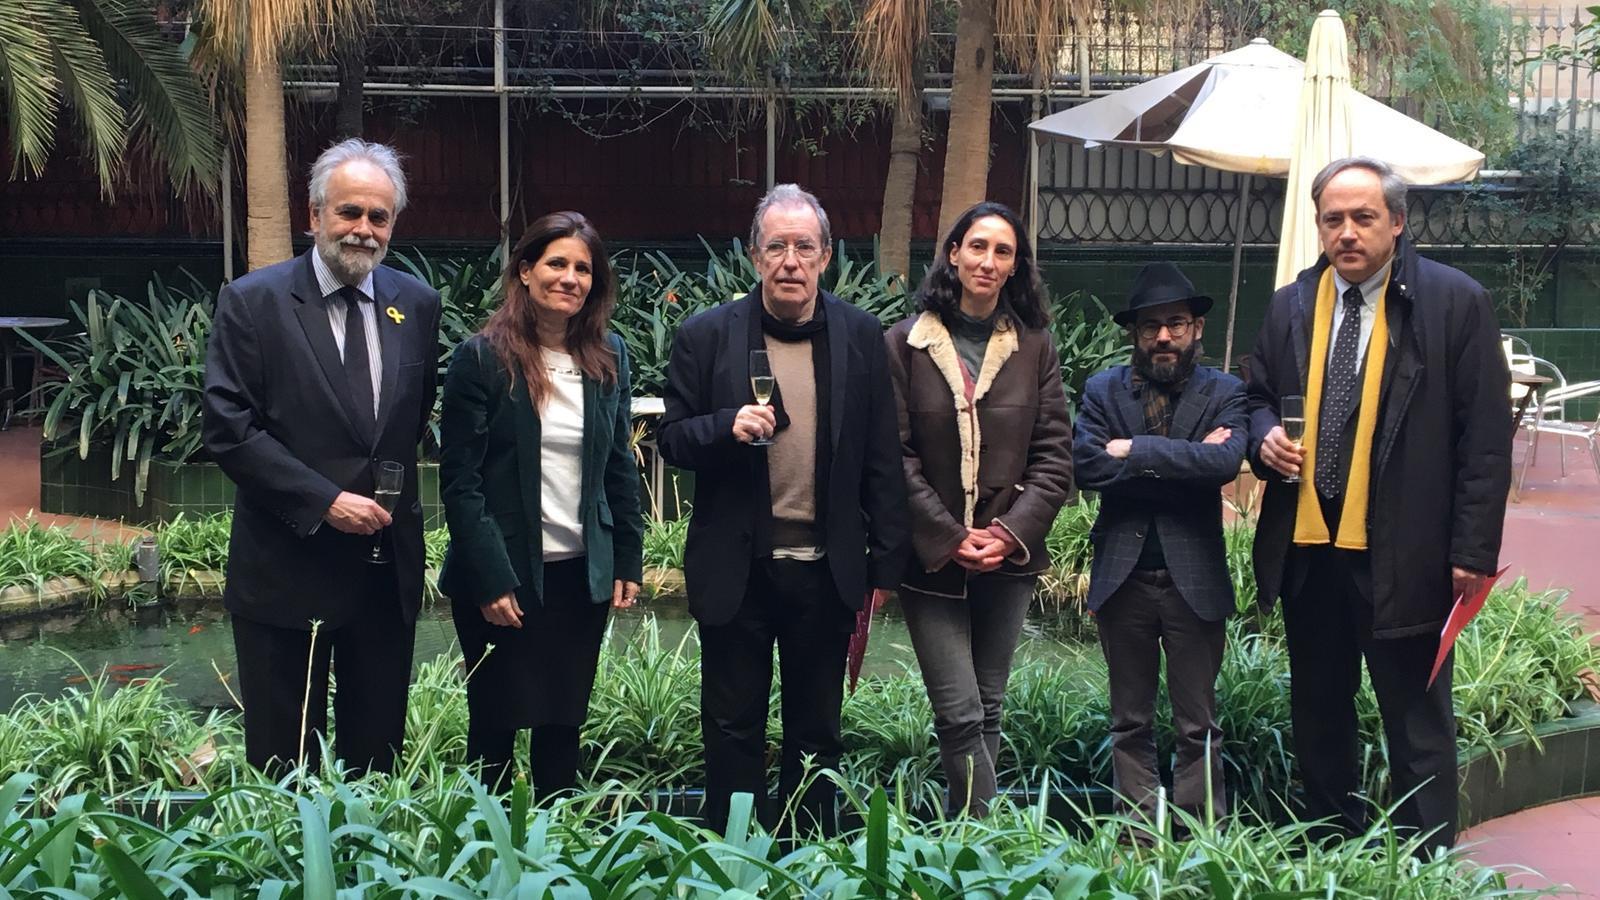 La vicepresidenta de l'Ateneu Barcelonès acompanyada d'alguns membres del nou jurat del premi Crexells